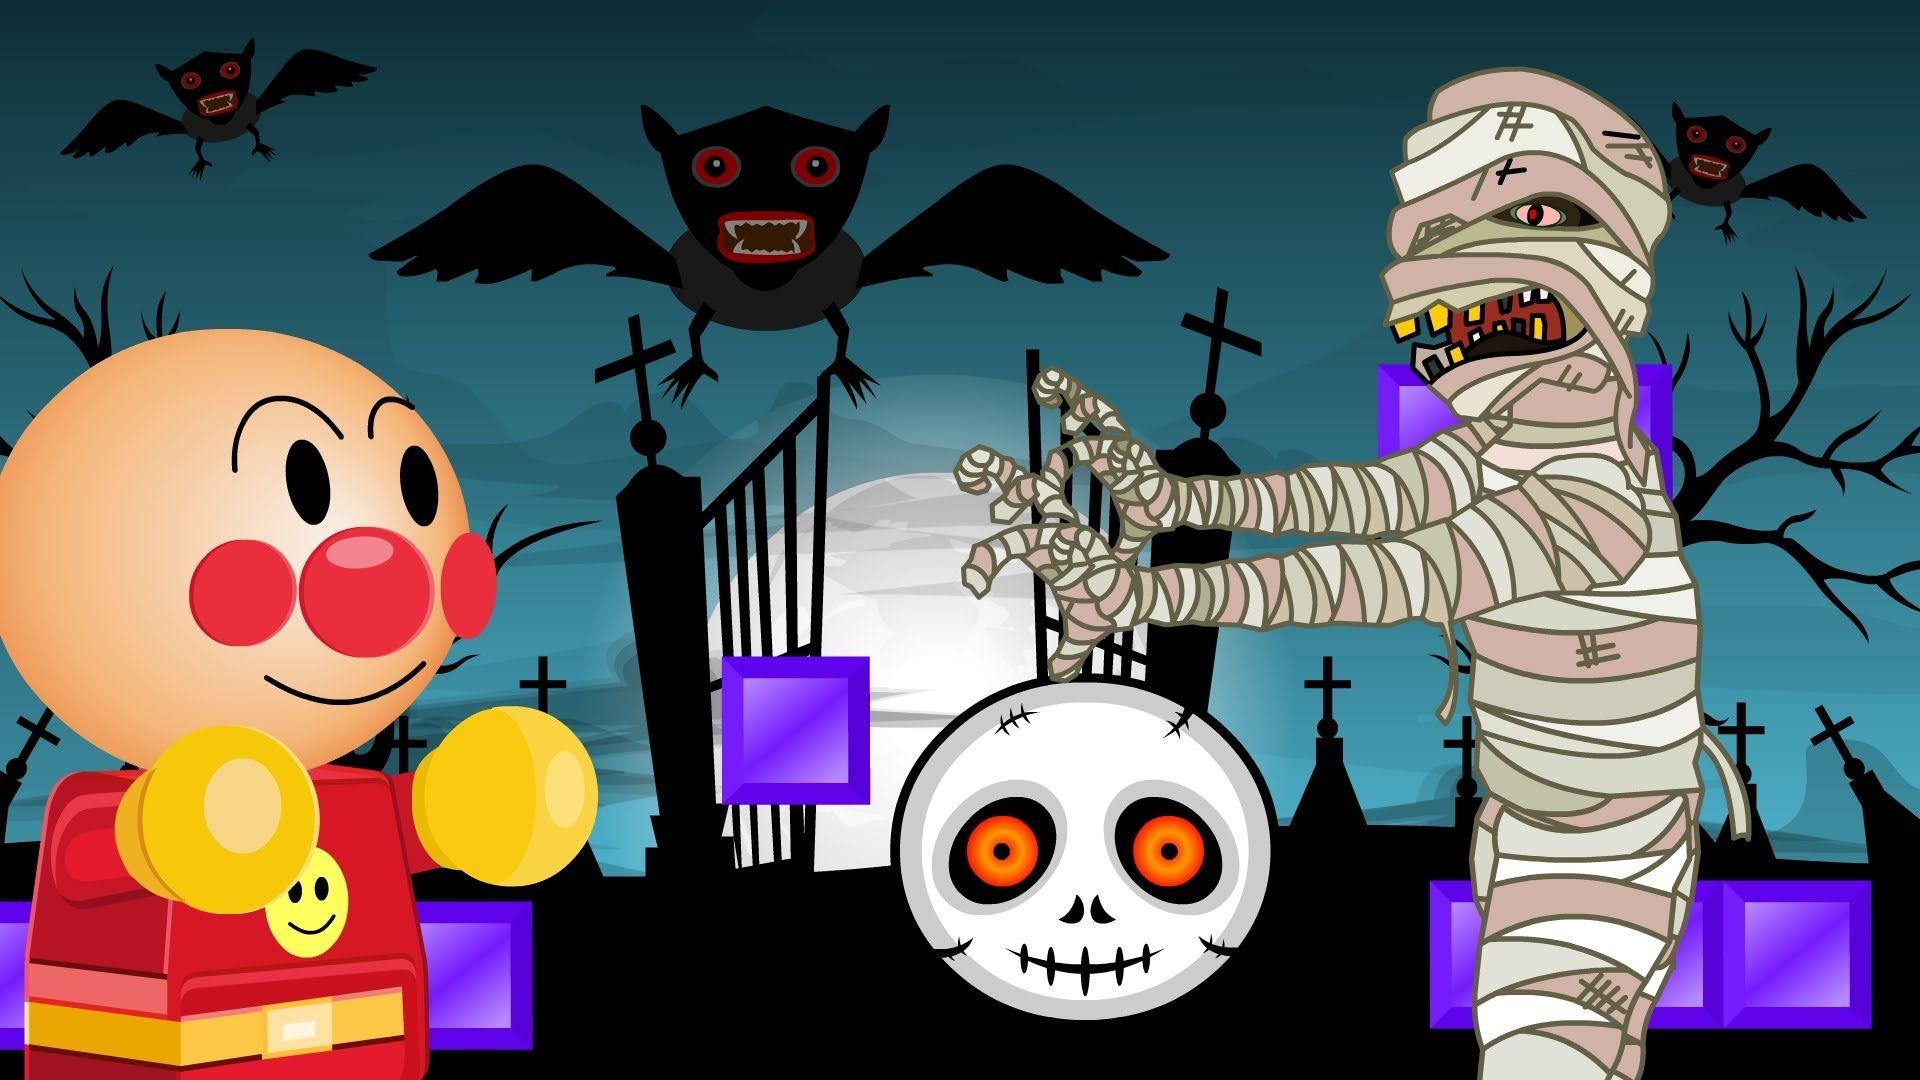 Anpanman Toys Anime Episode 04 Anpanman Halloween Battle